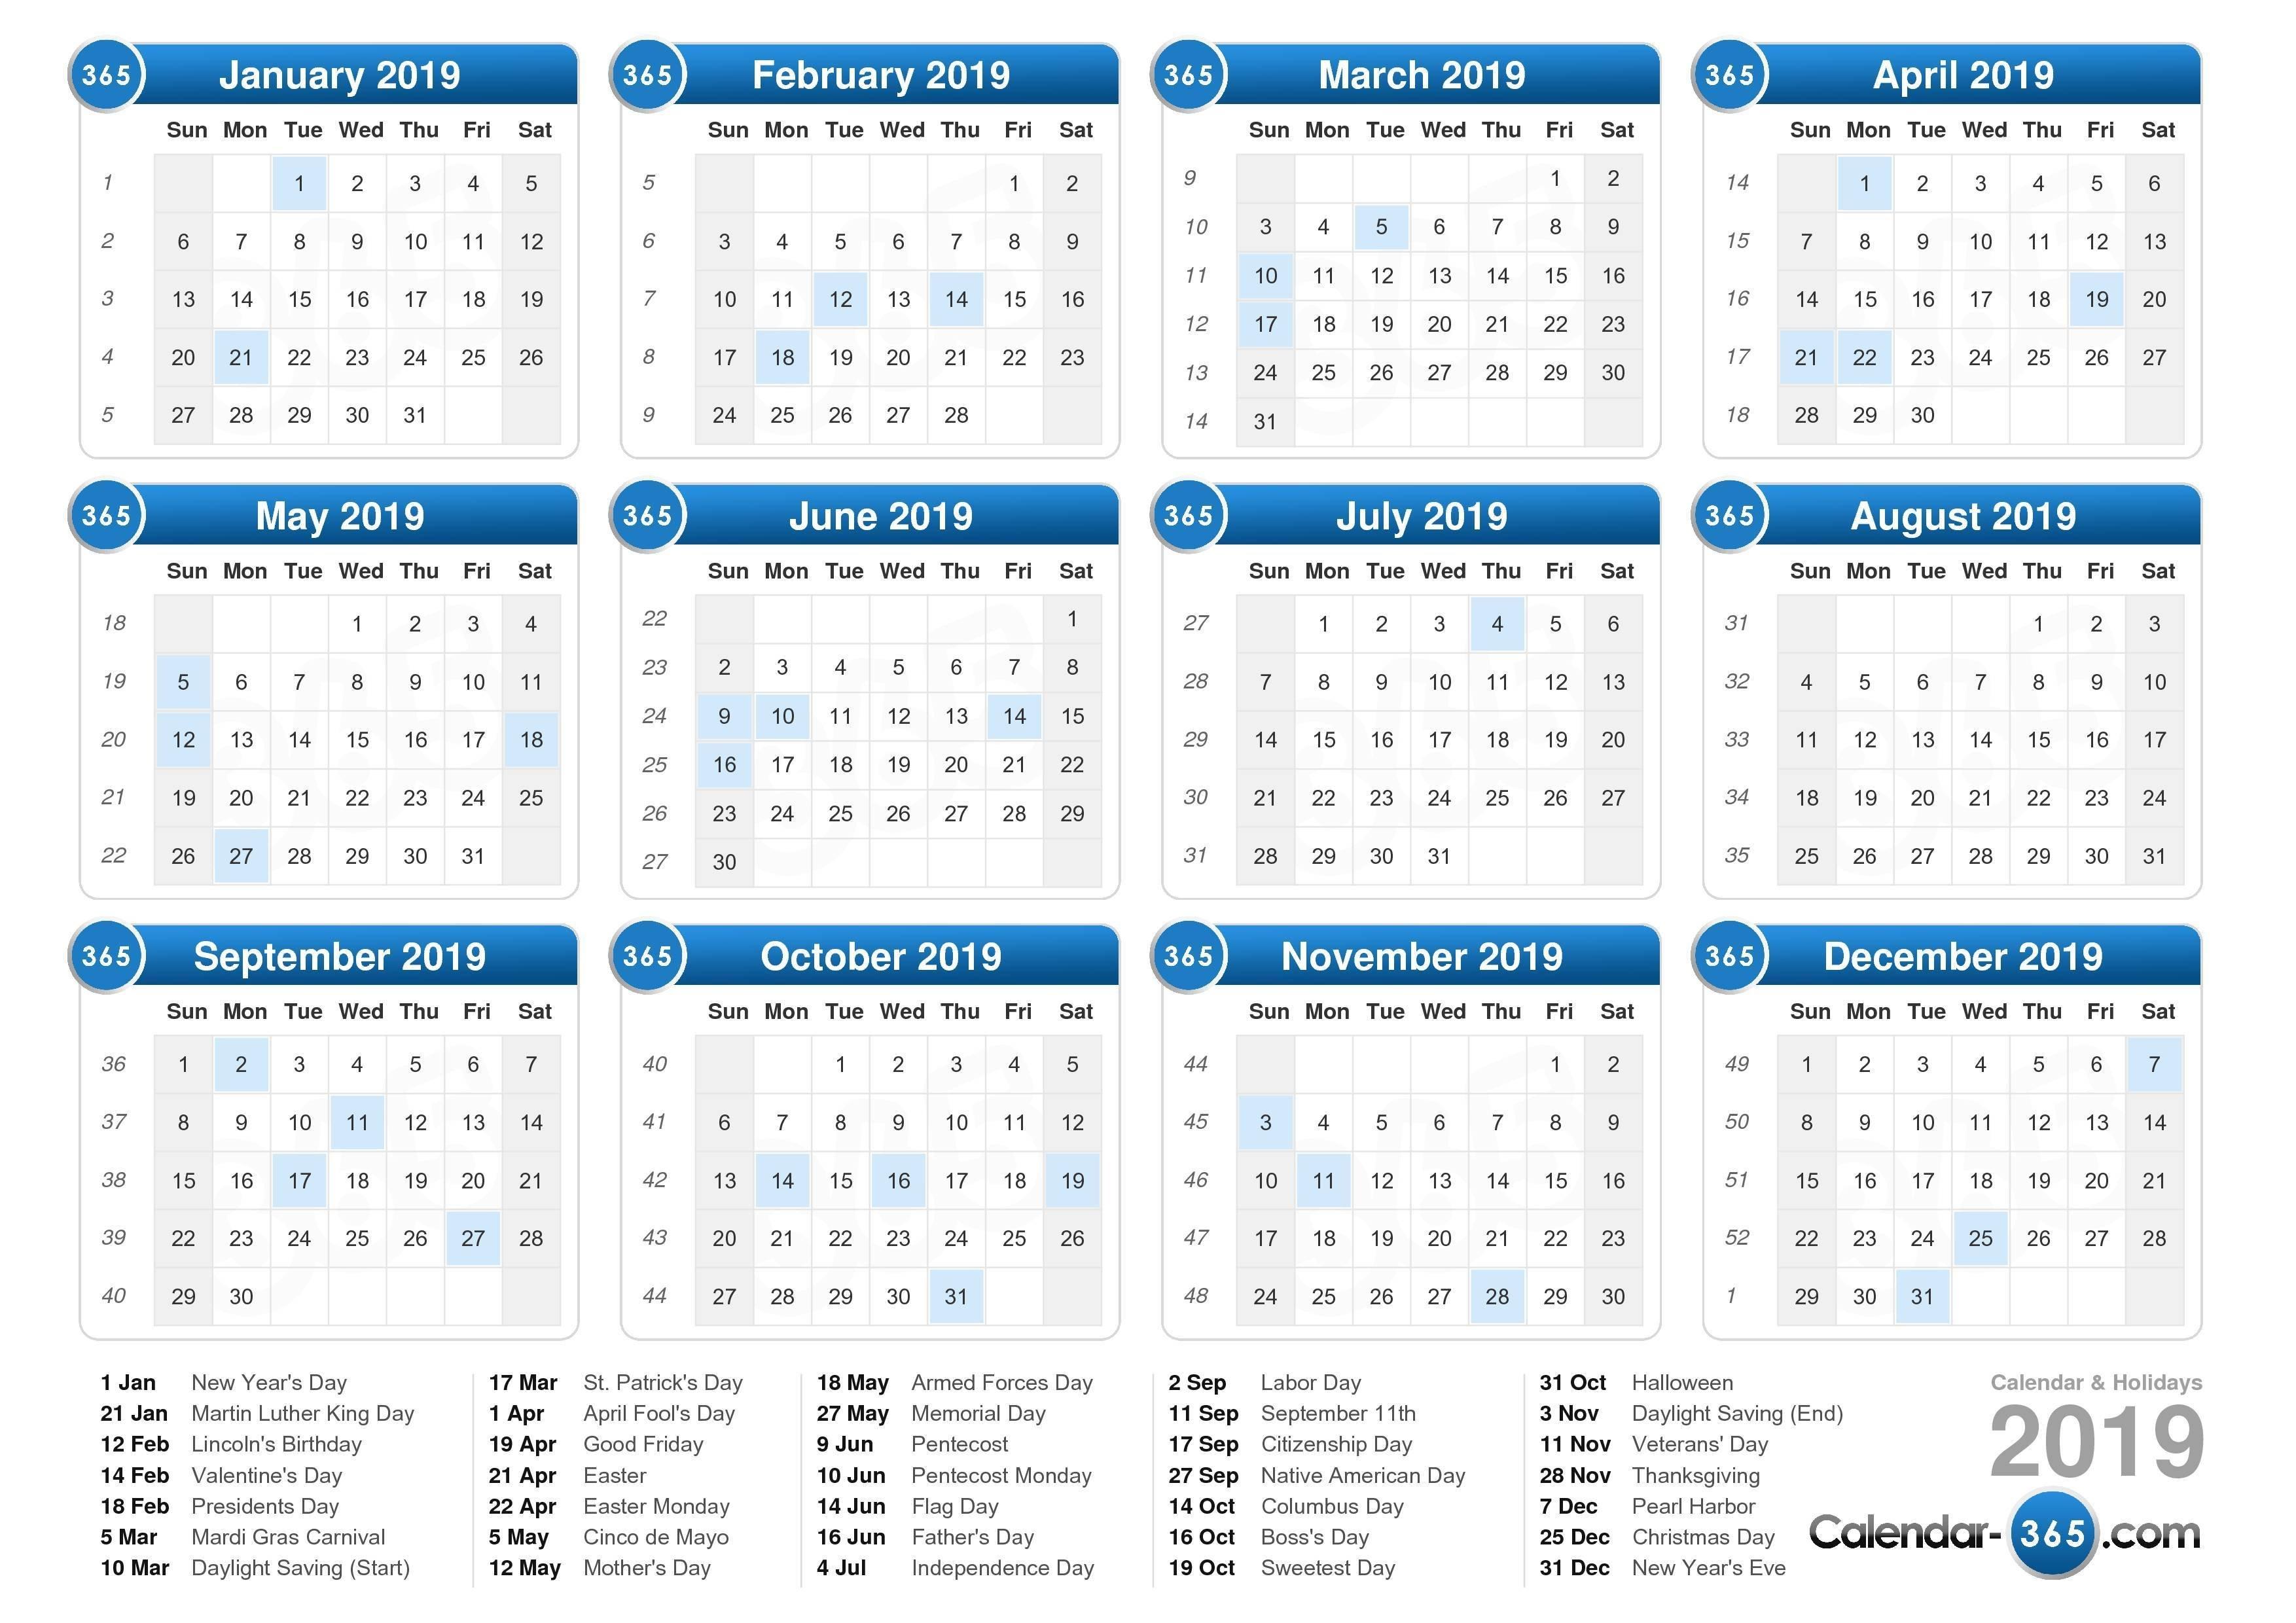 2019 Calendar Calendar 2019 With All Holidays